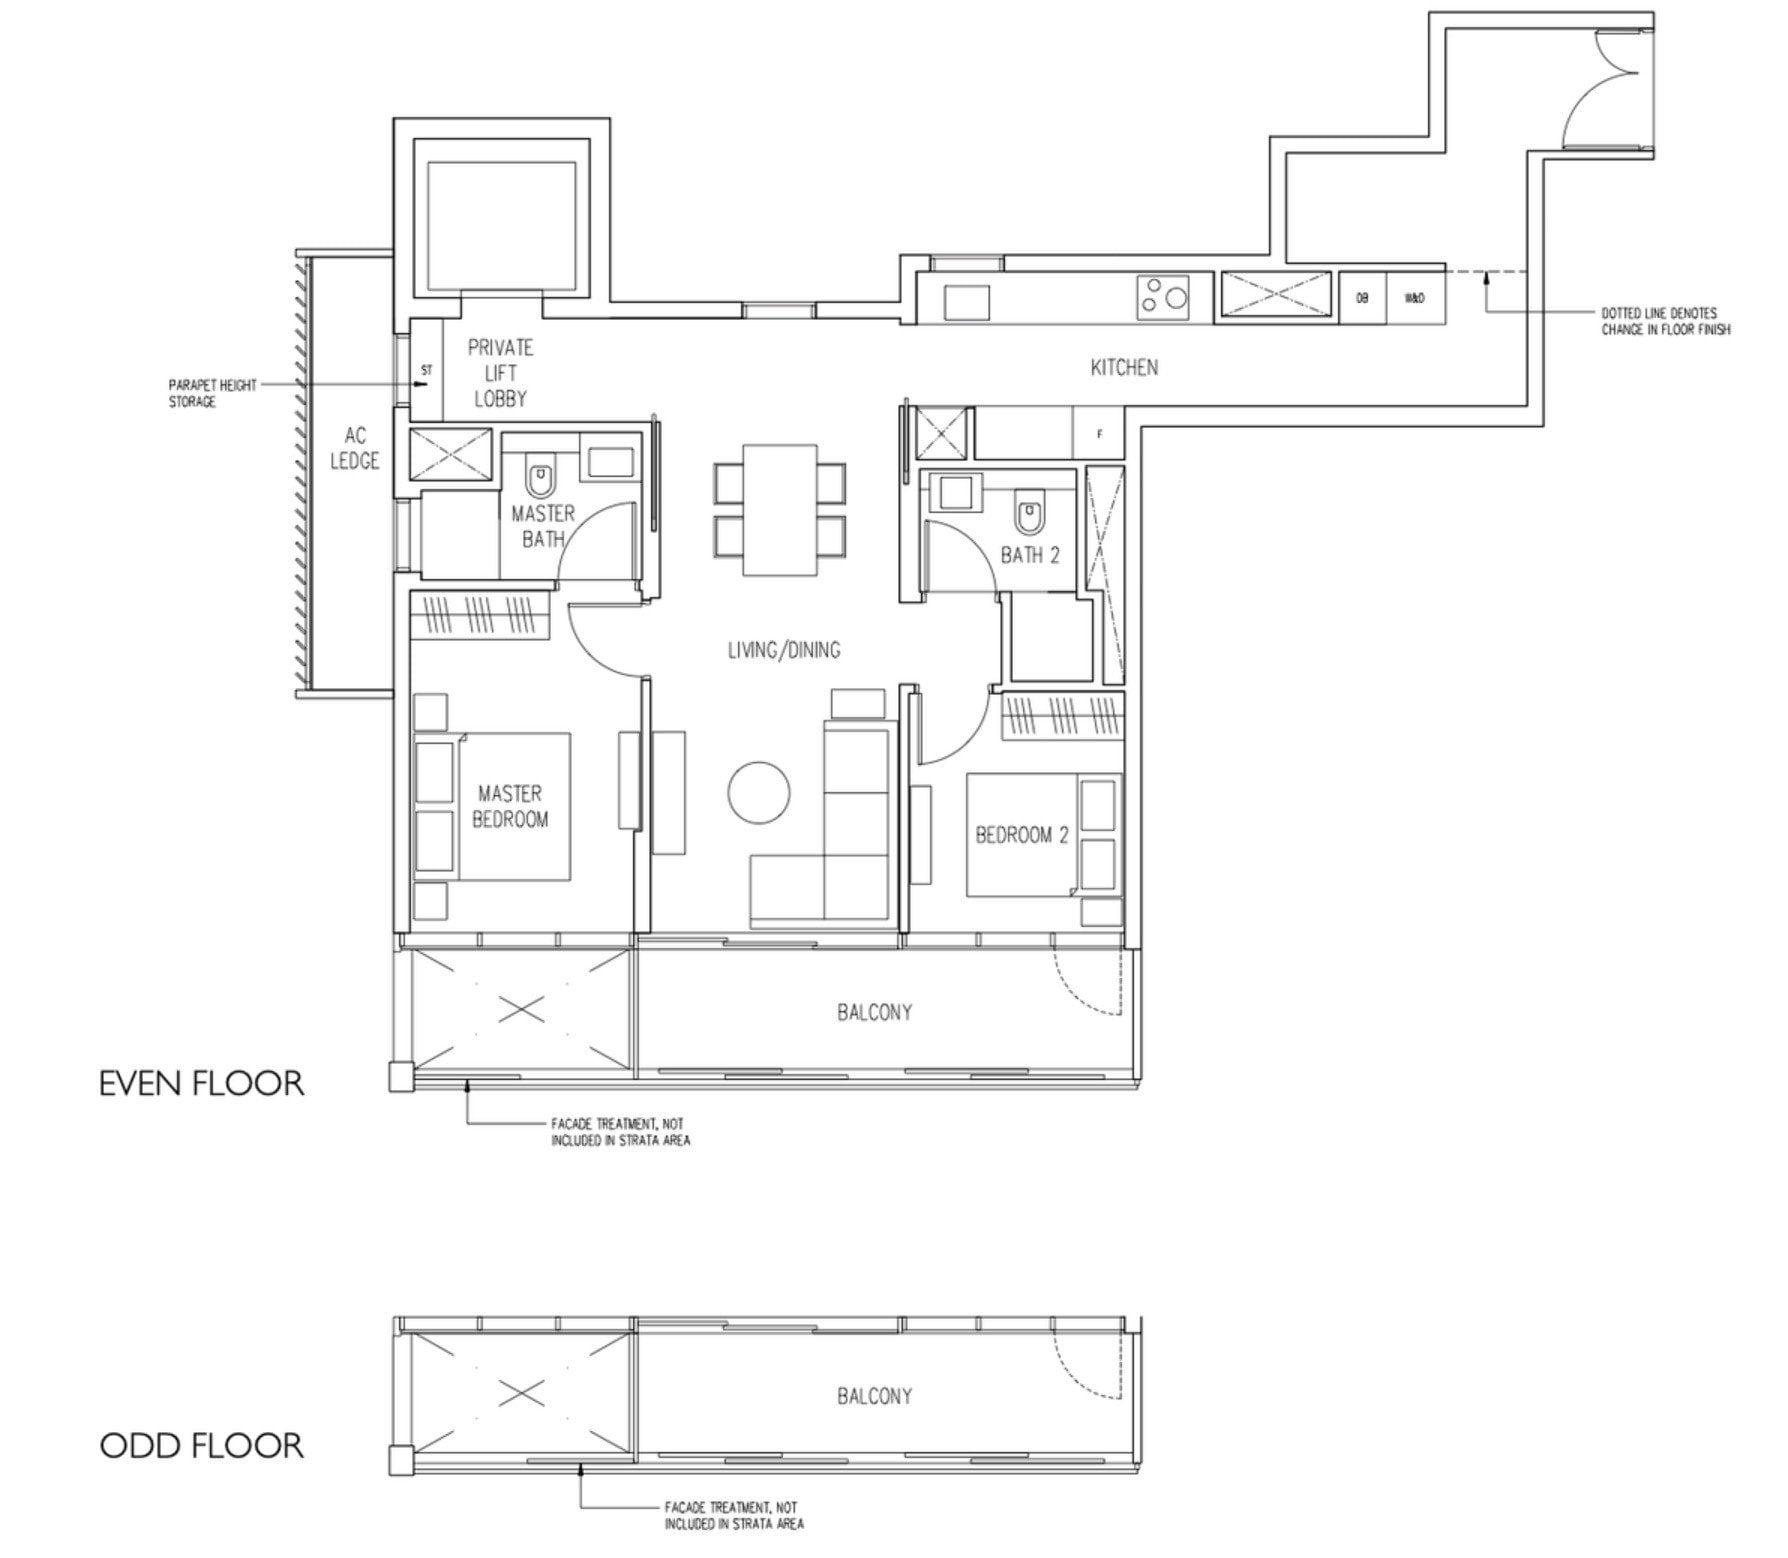 19 Nassim Condo floor plan 2BR2Bath type B4